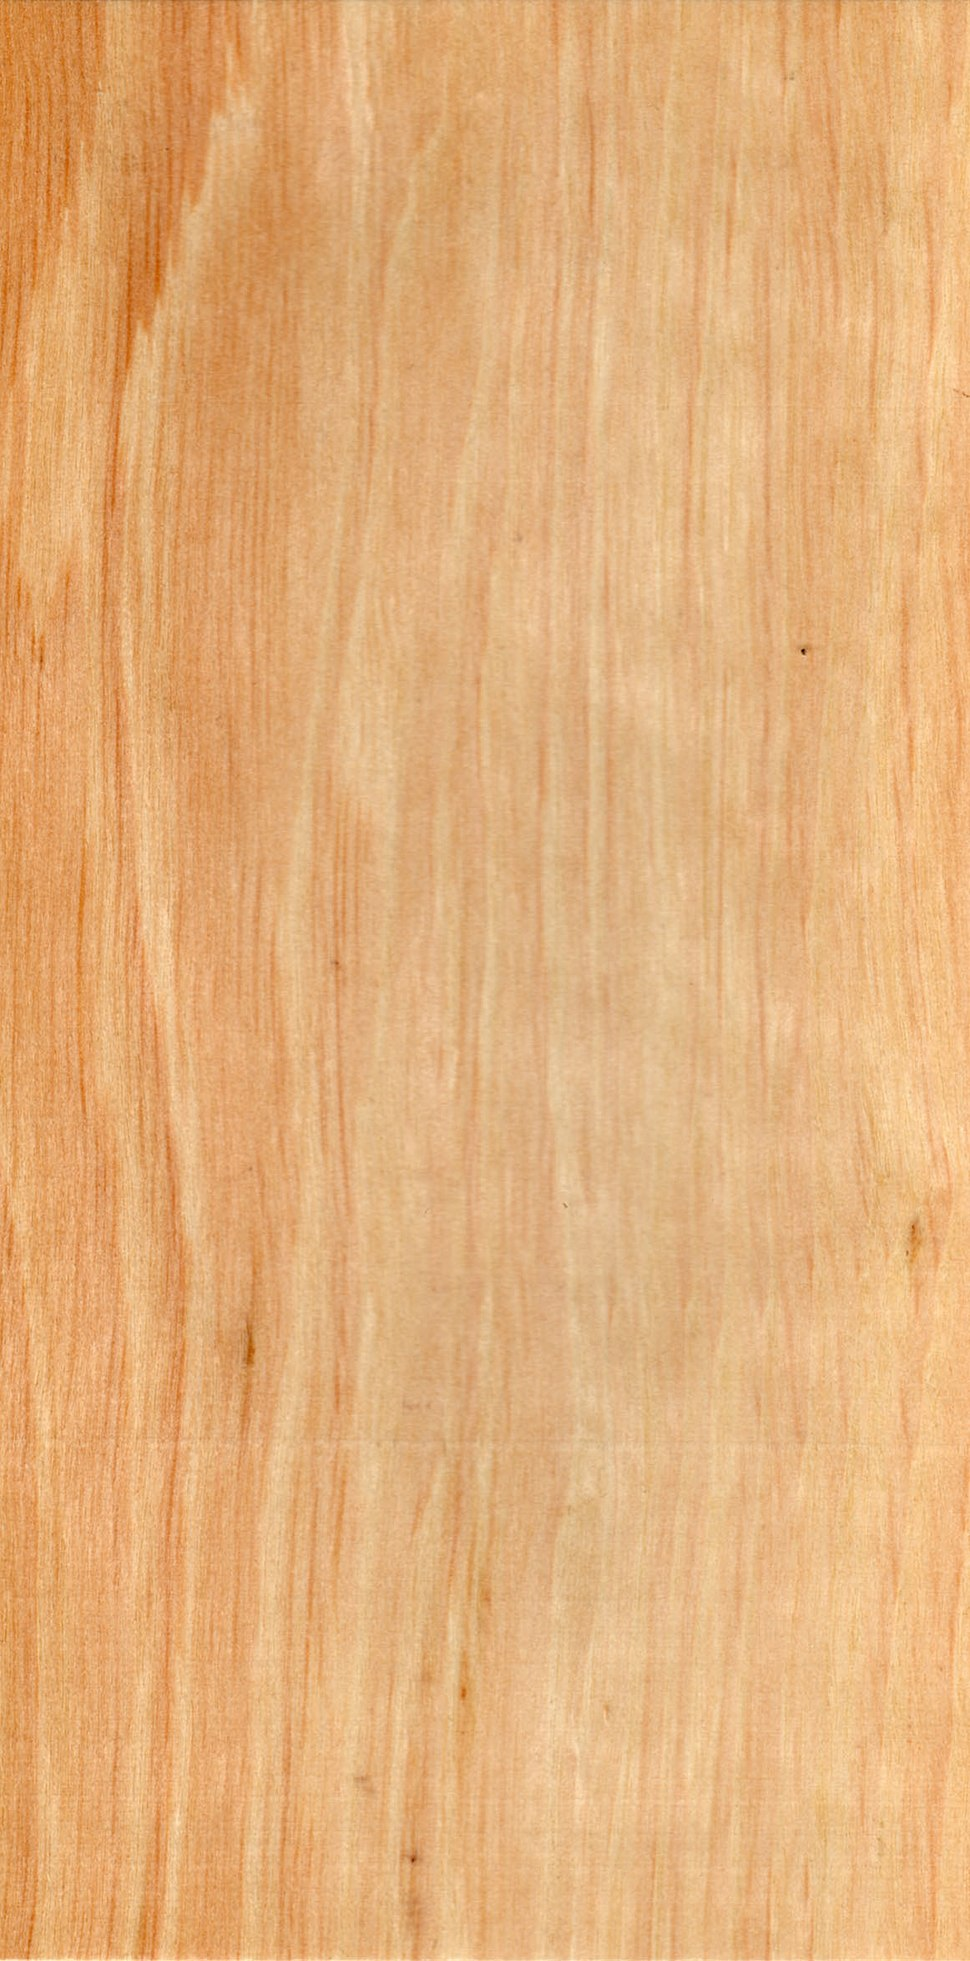 Wood Carpinus betulus